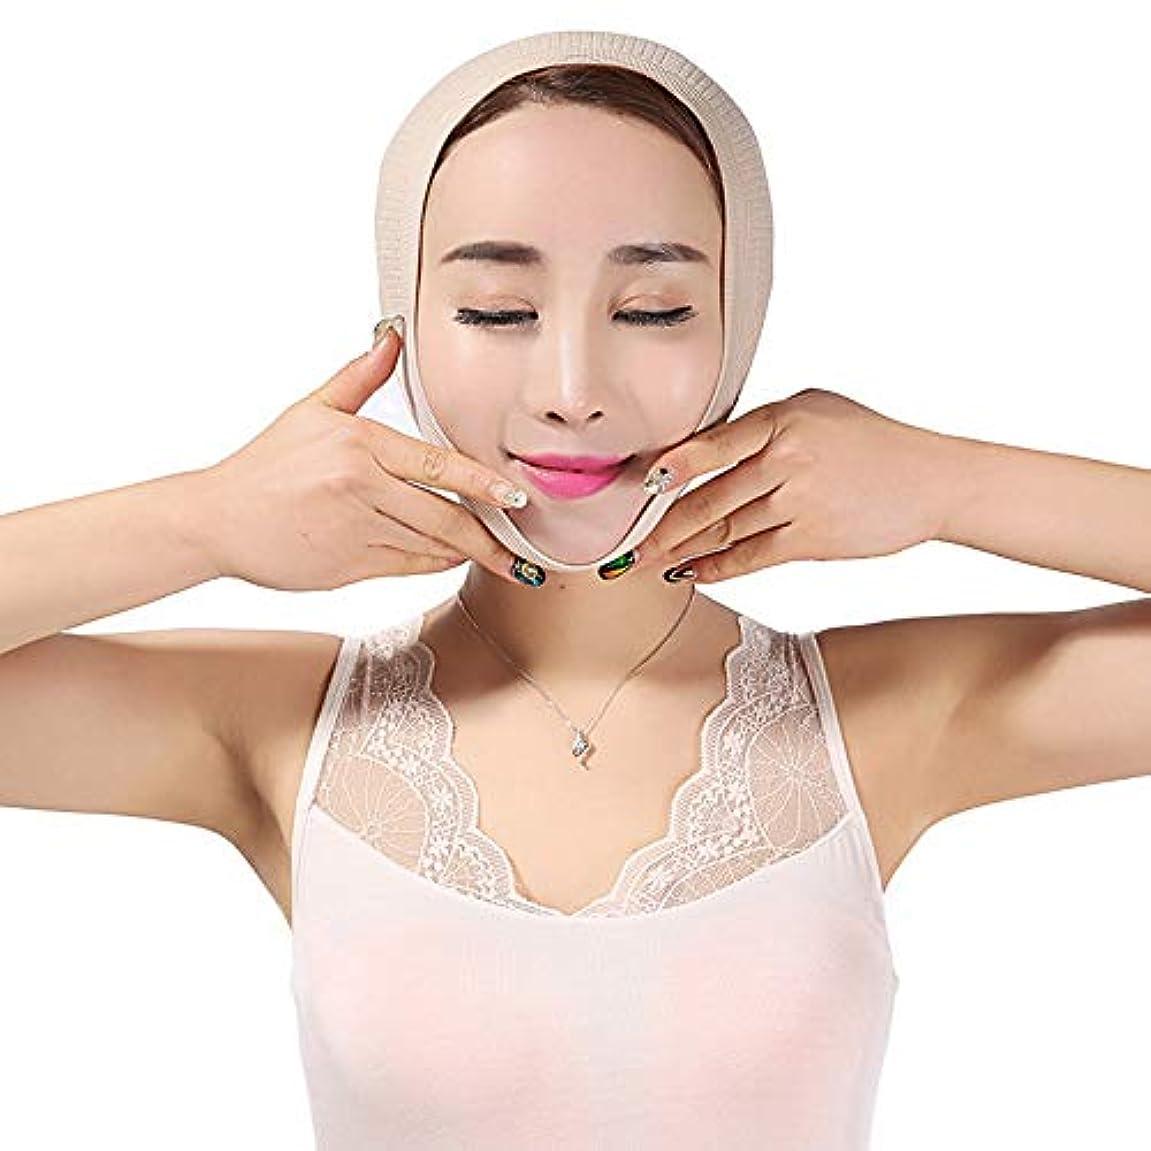 モニターバイオレット両方GYZ フェイシャルリフティングスリミングベルト-Vフェイスバンデージマスクフェイシャルマッサージアンチエイジングリンクルダブルチンワークアウト Thin Face Belt